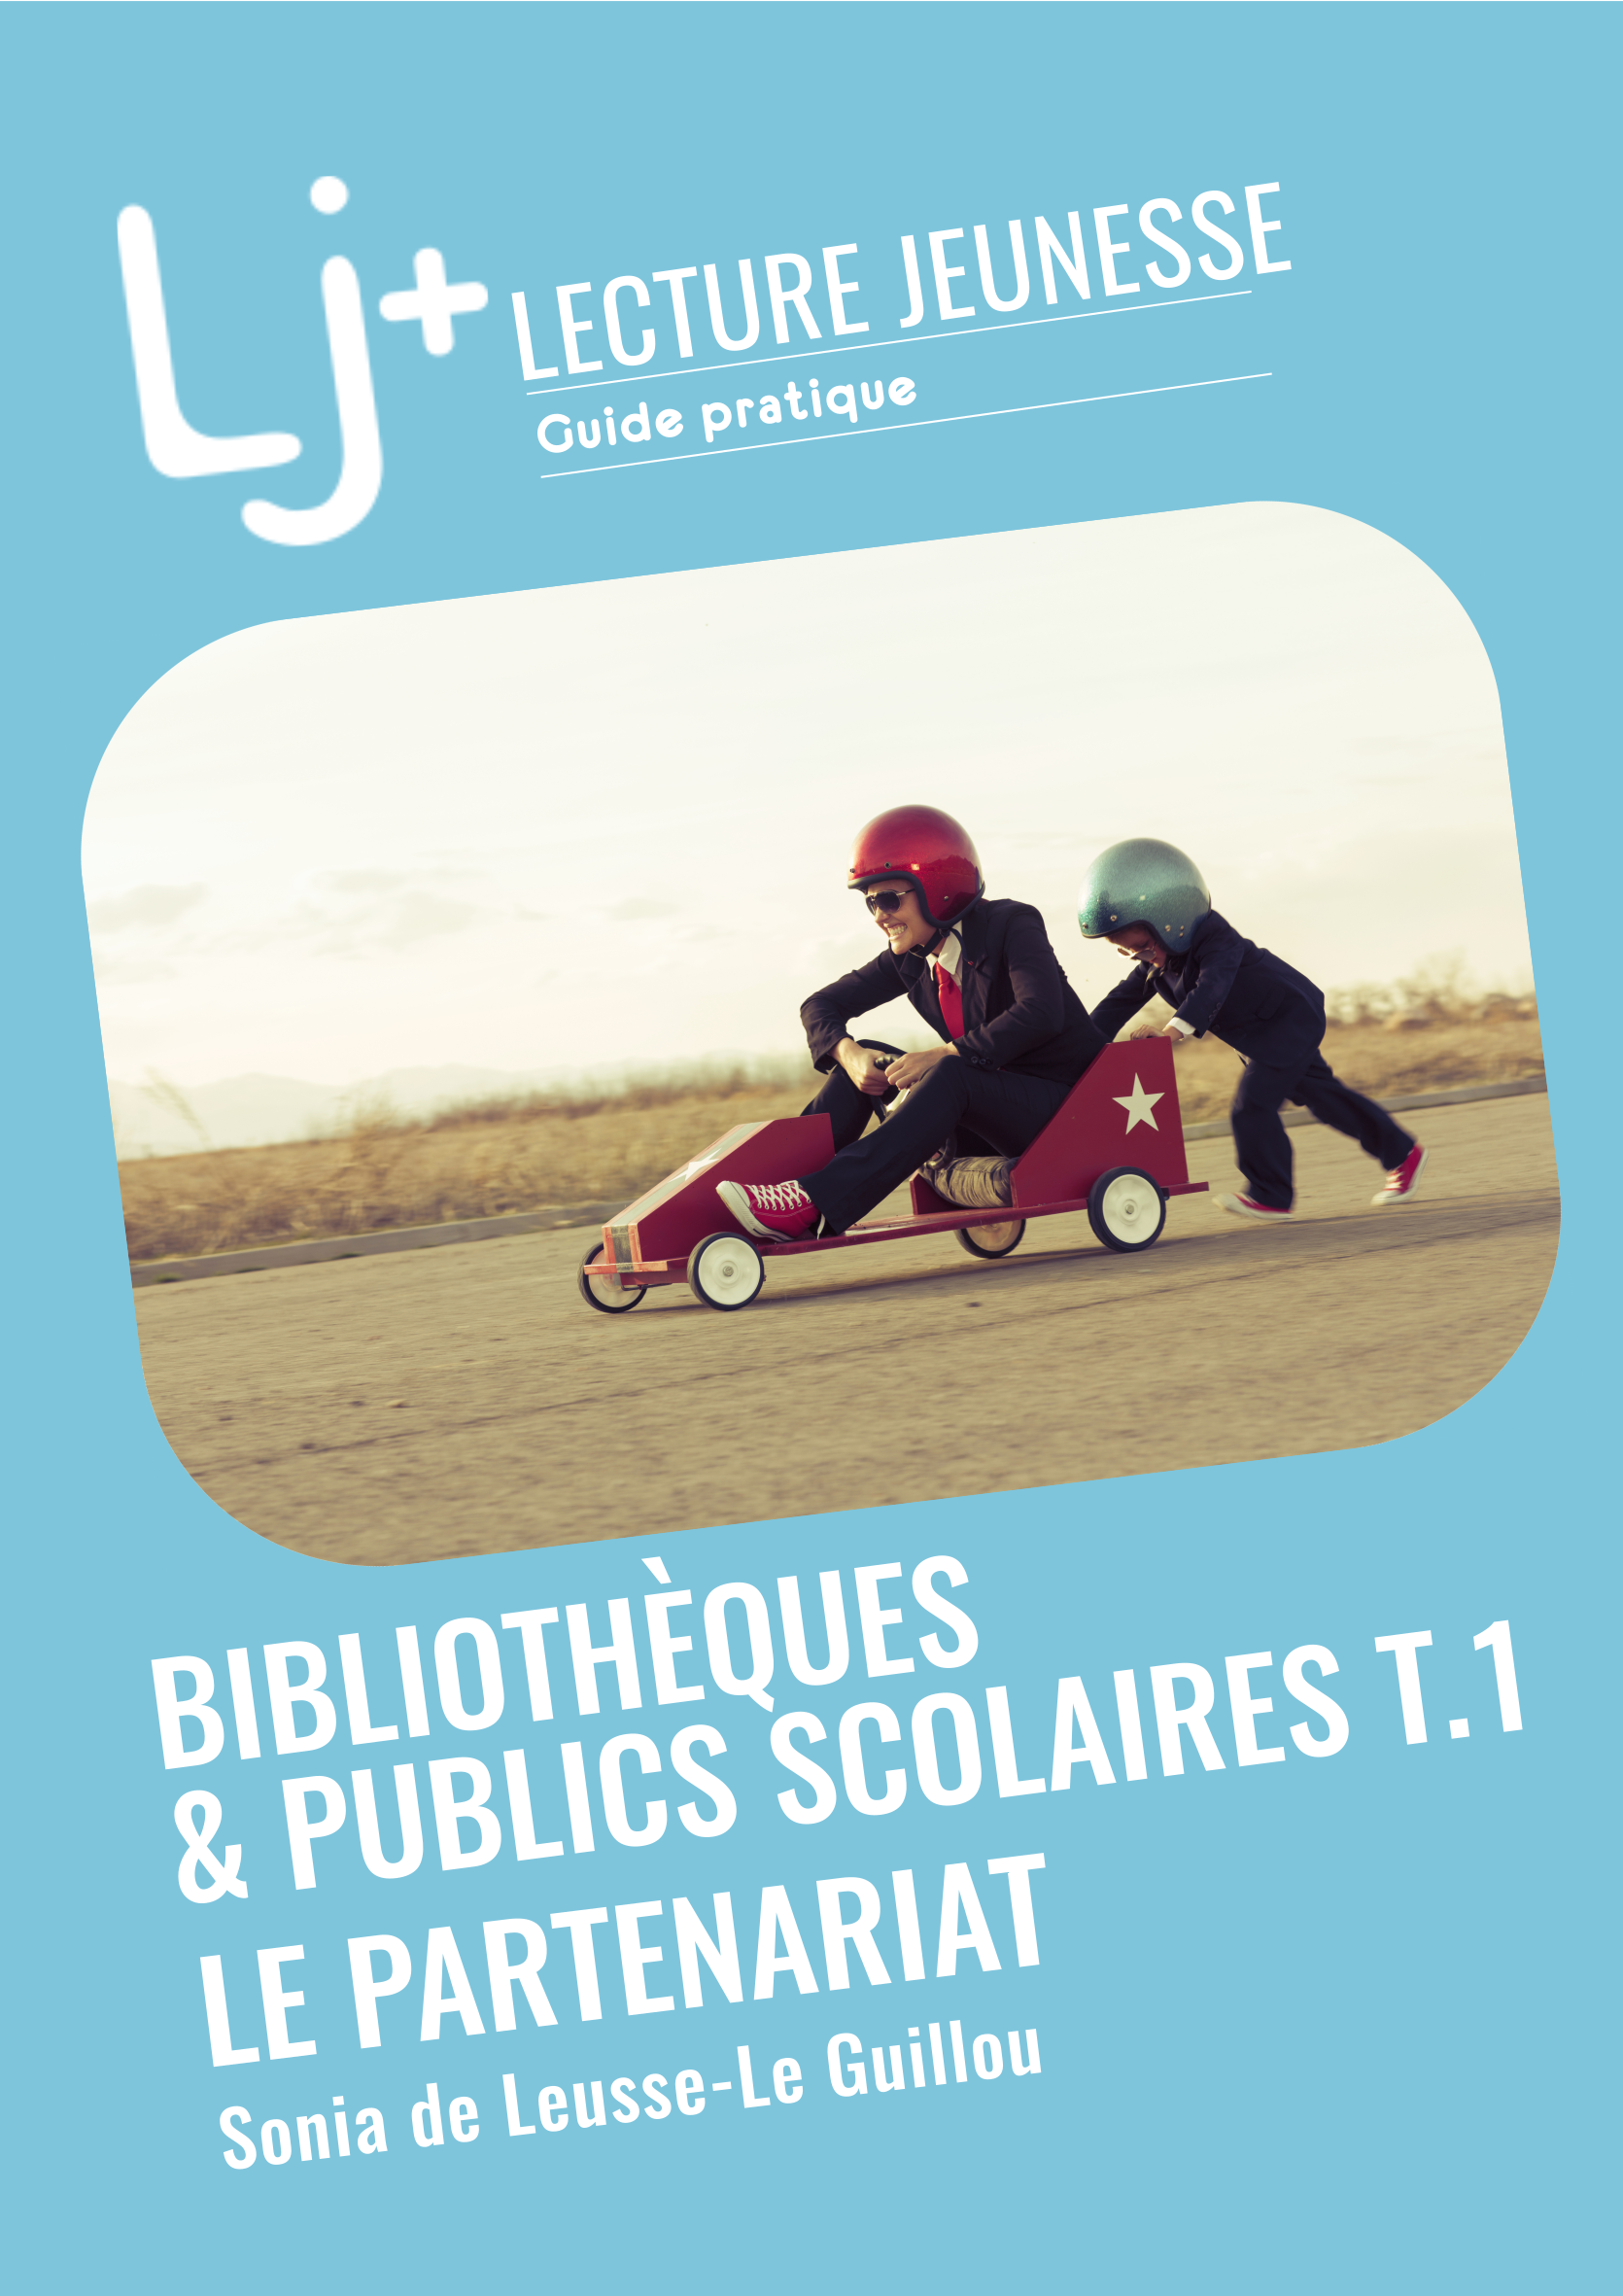 Bibliothèques & publics scolaires T.1 : Le partenariat